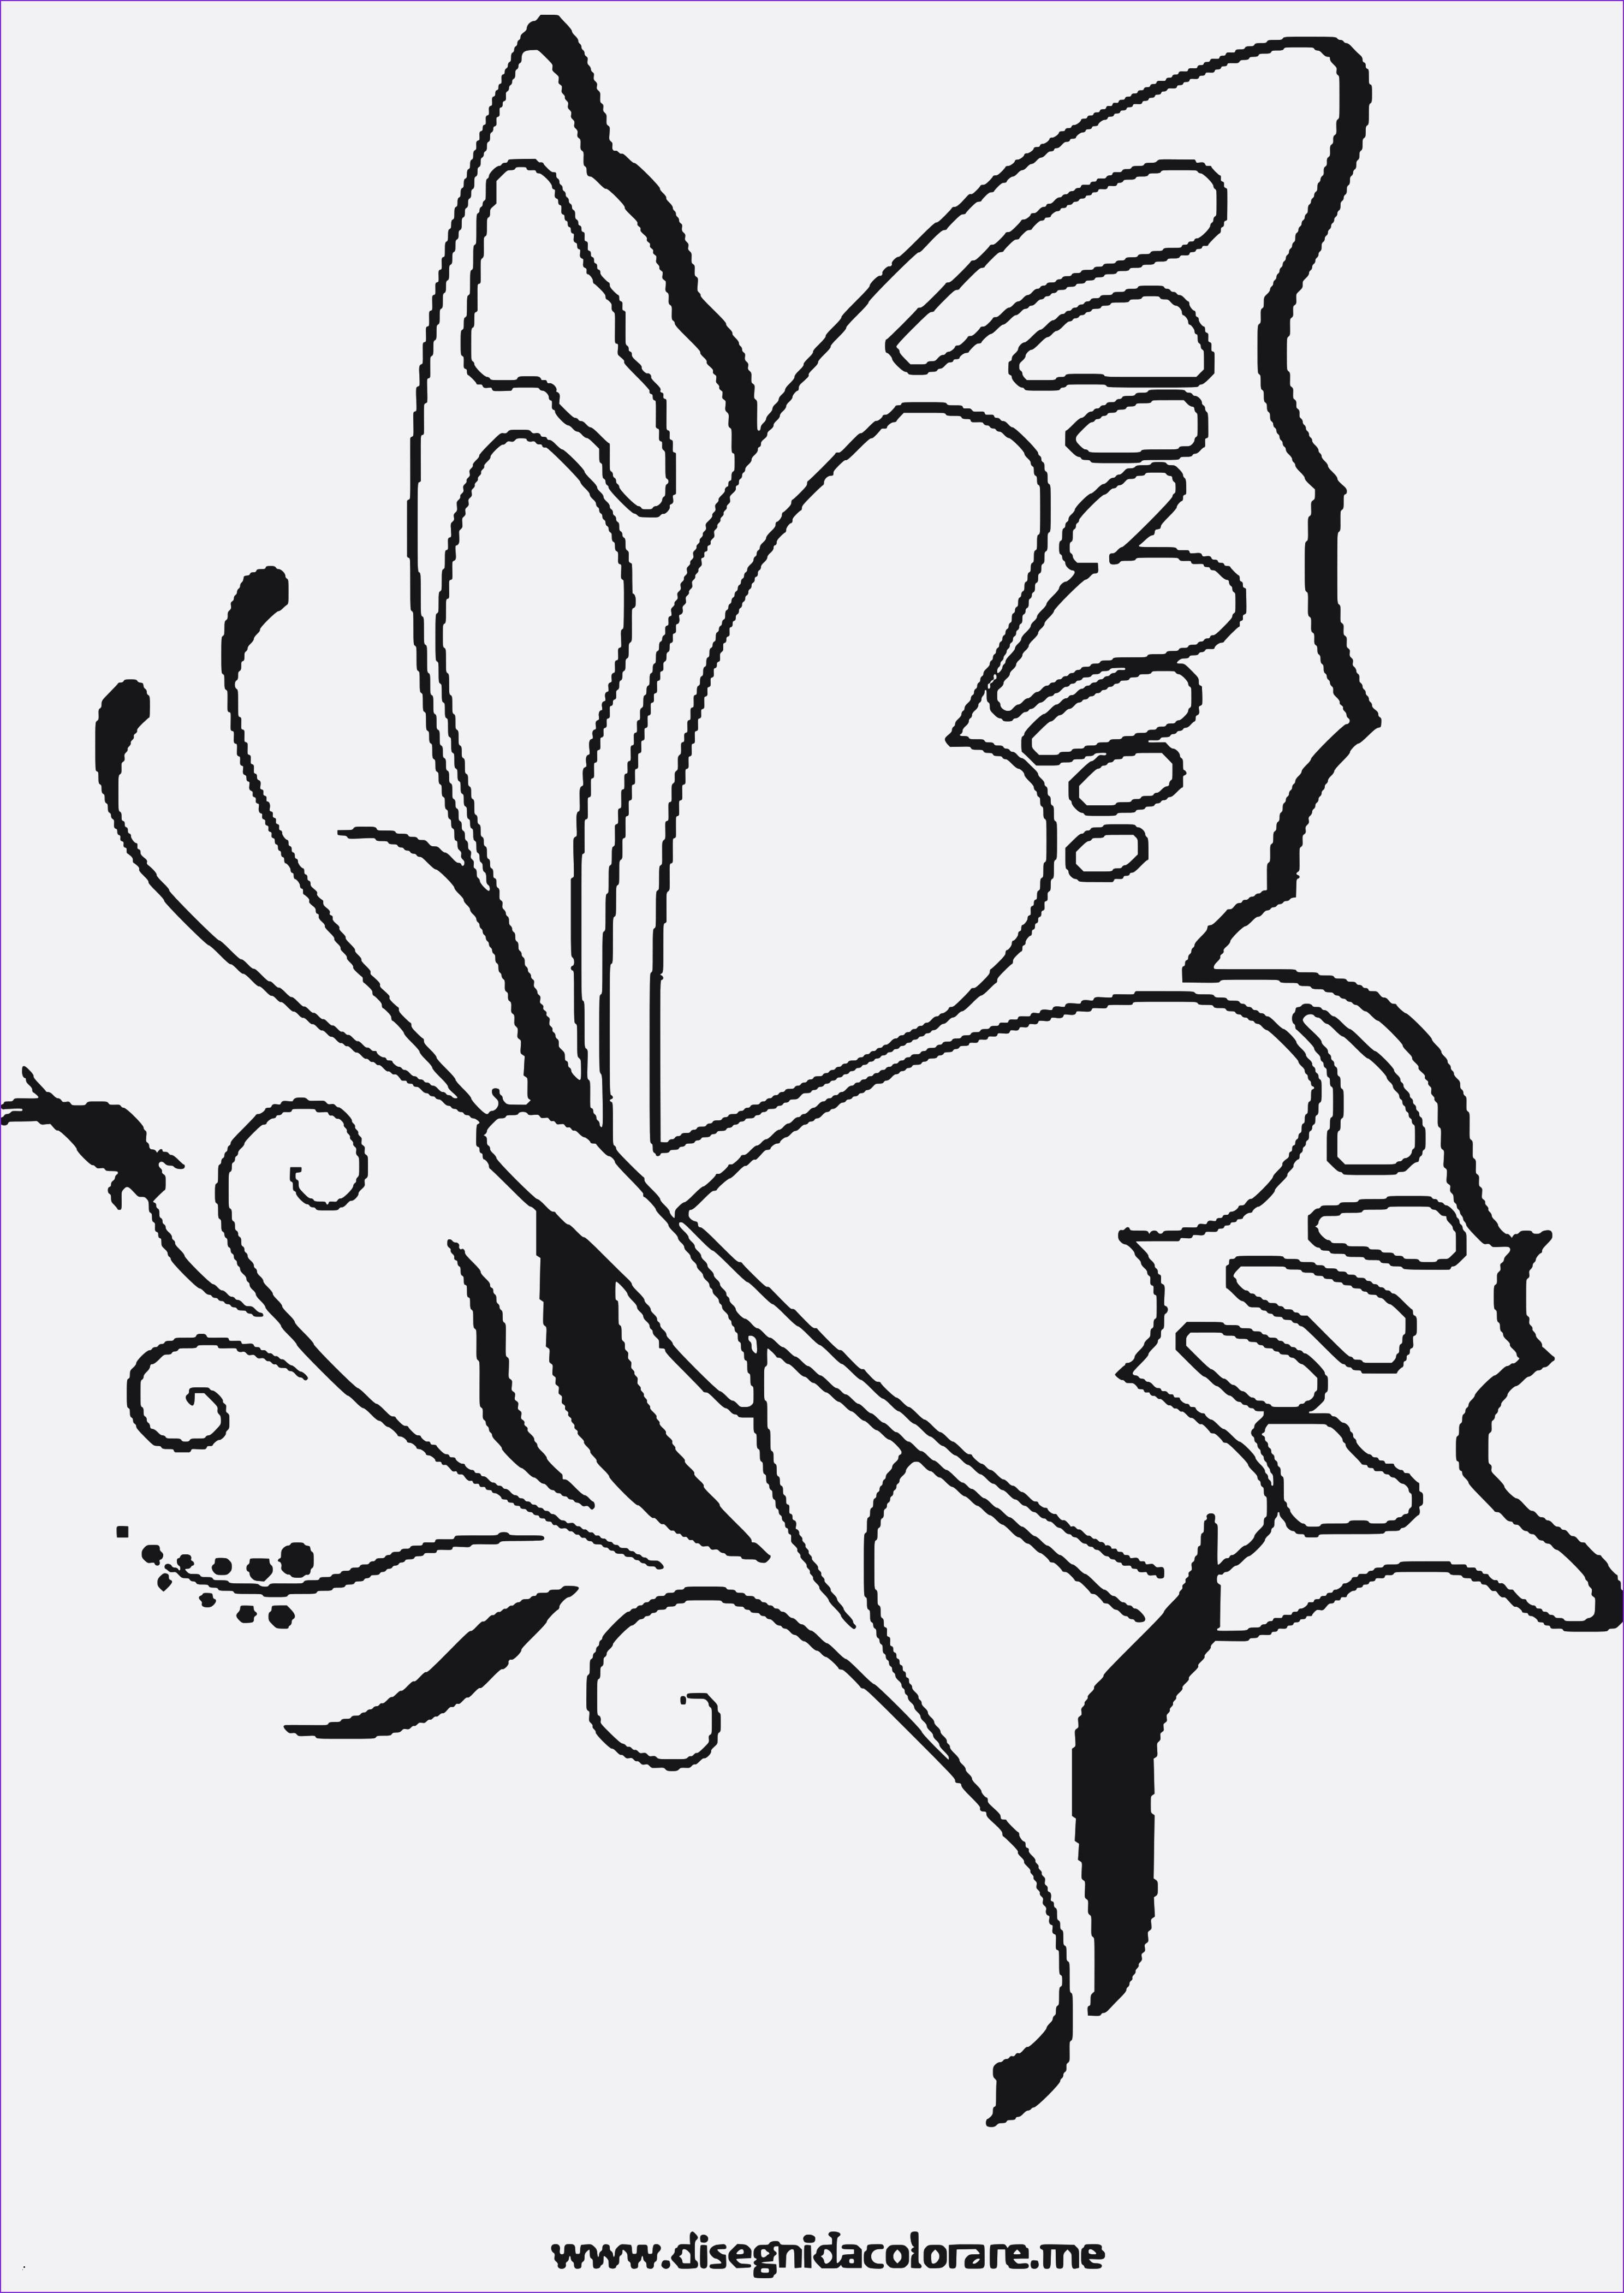 Schmetterlinge Bilder Zum Ausmalen Das Beste Von 40 Das Konzept Von Ausmalbilder Schmetterling Zum Ausdrucken Bilder